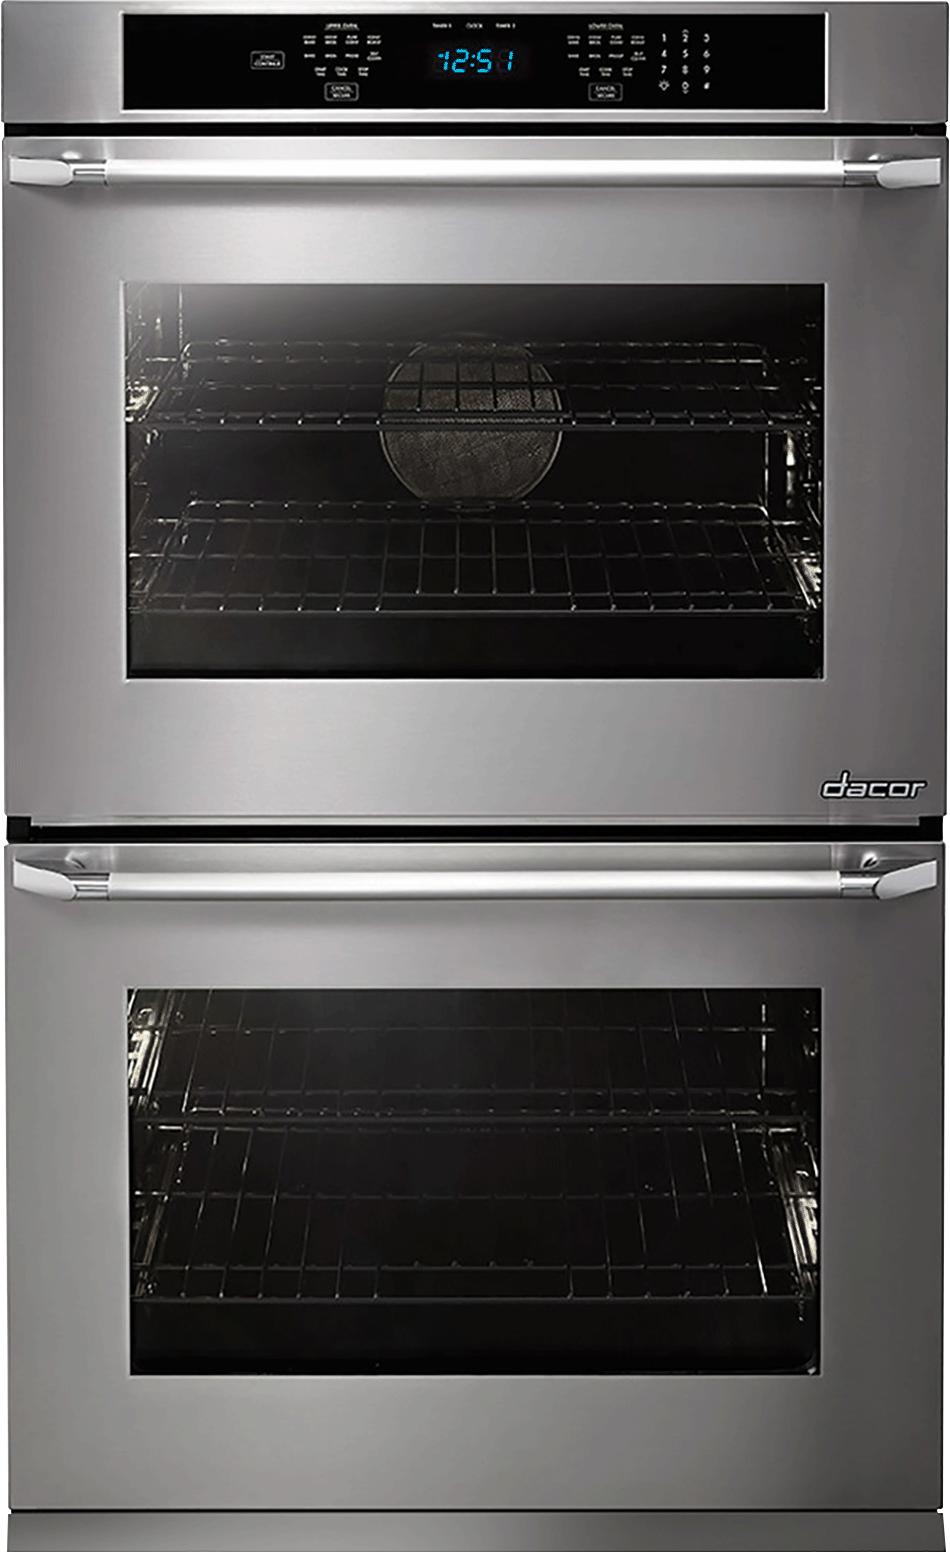 & Dacor Sabbath Mode Wall Ovens pezcame.com